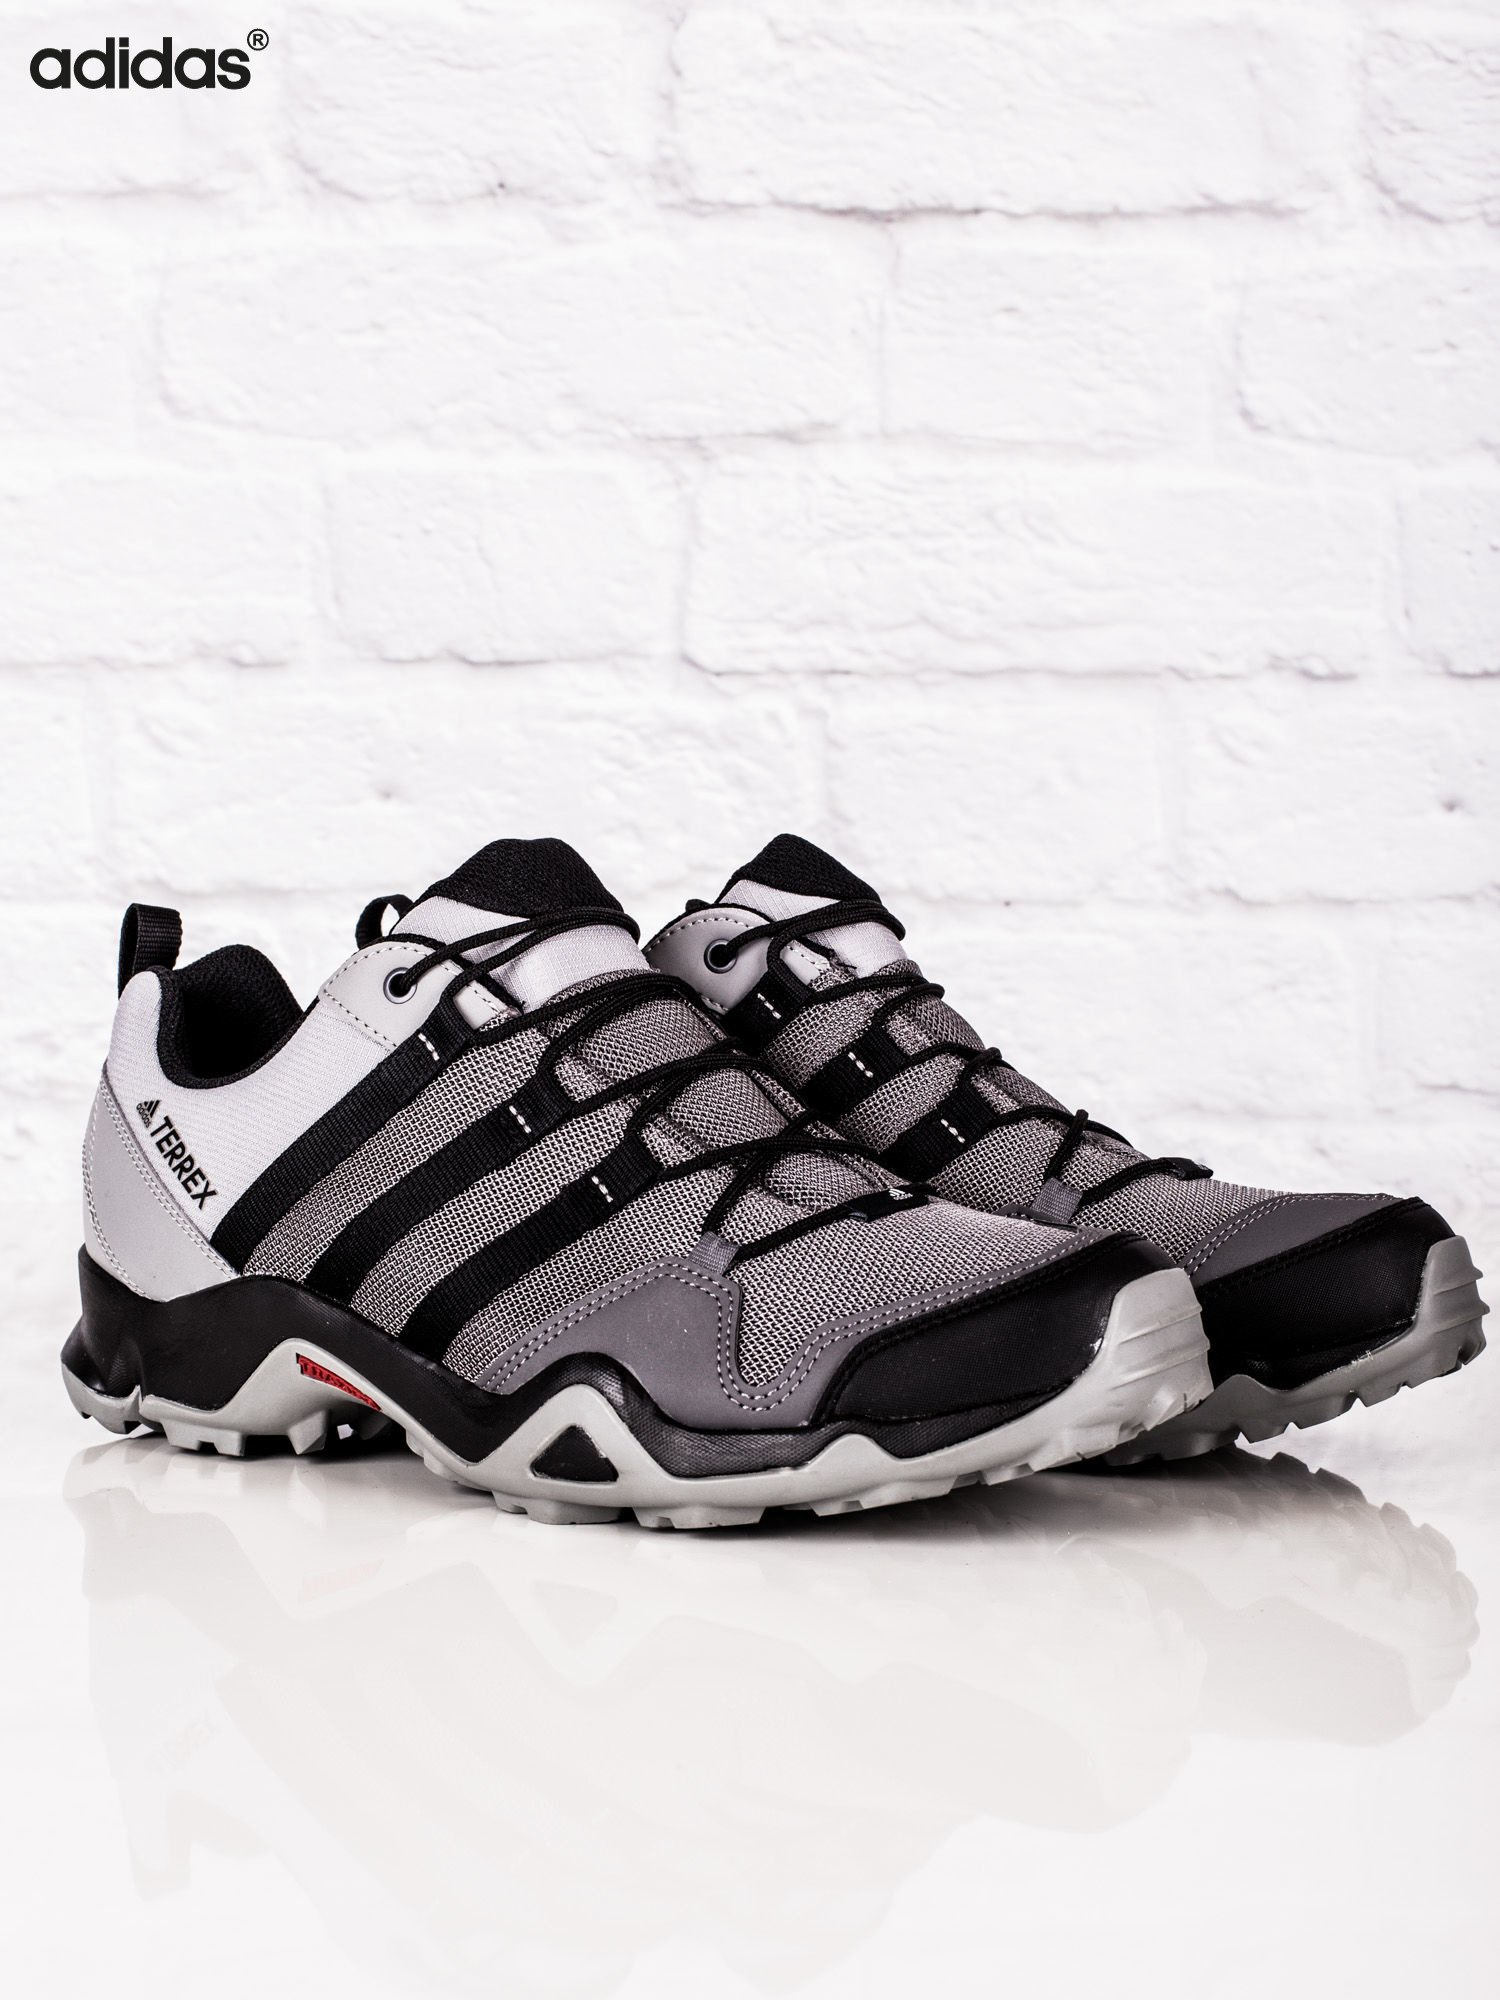 7b93333c ADIDAS Szare męskie buty sportowe TERREX AX2R - Mężczyźni Buty ...